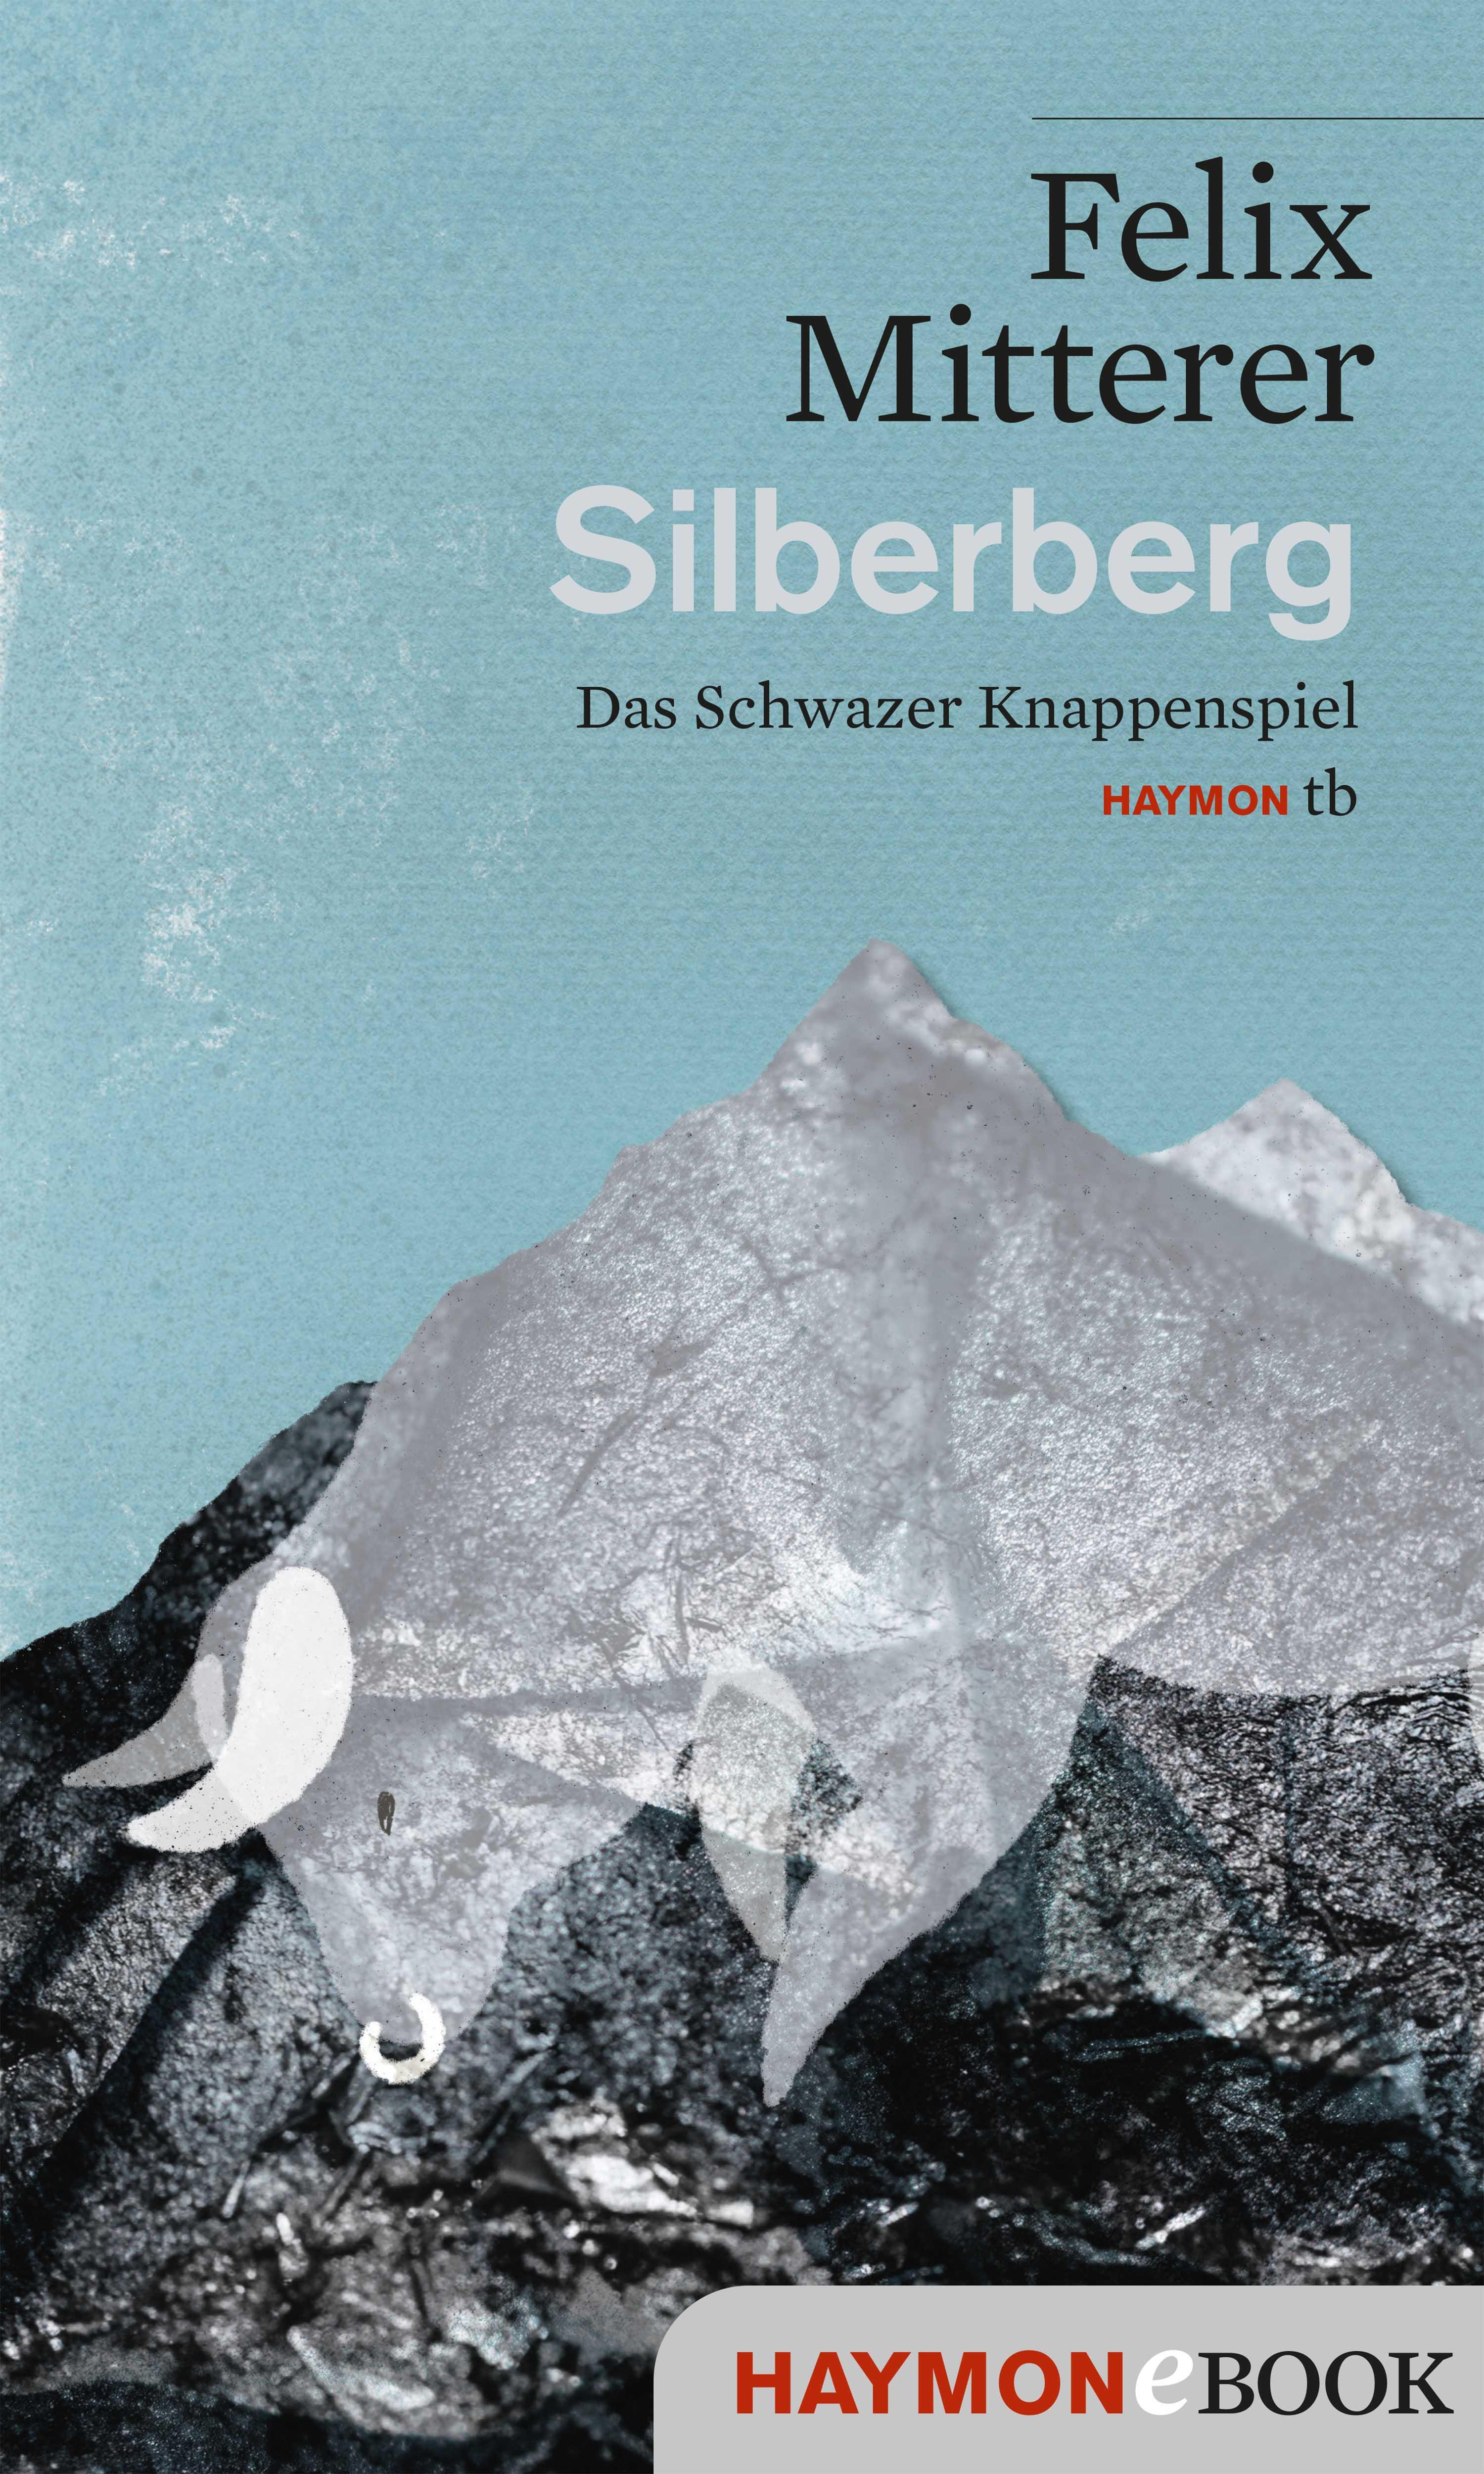 Felix Mitterer Silberberg felix mitterer alle für die mafia